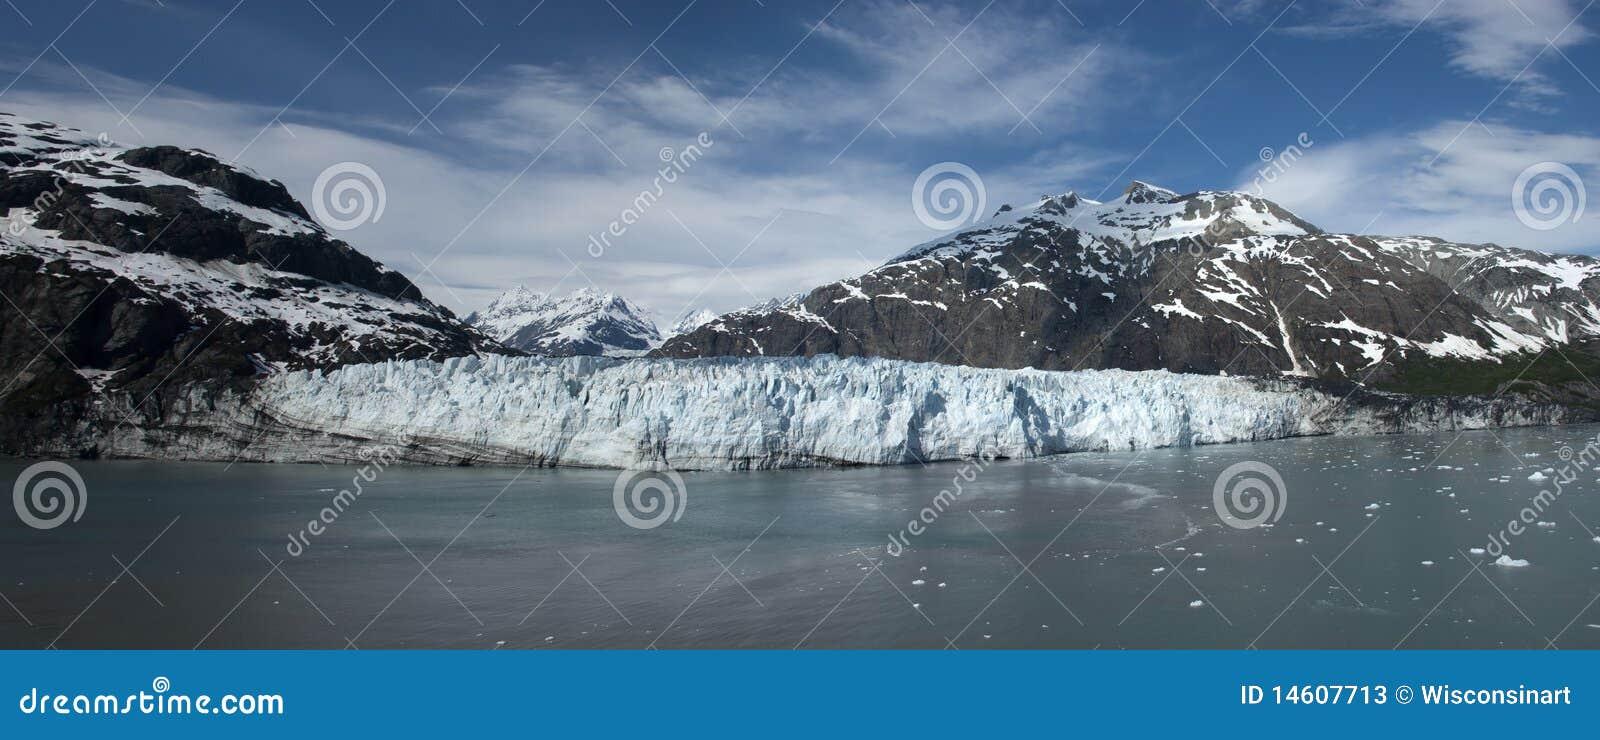 Parque nacional Alaska de louro de geleira dentro da passagem